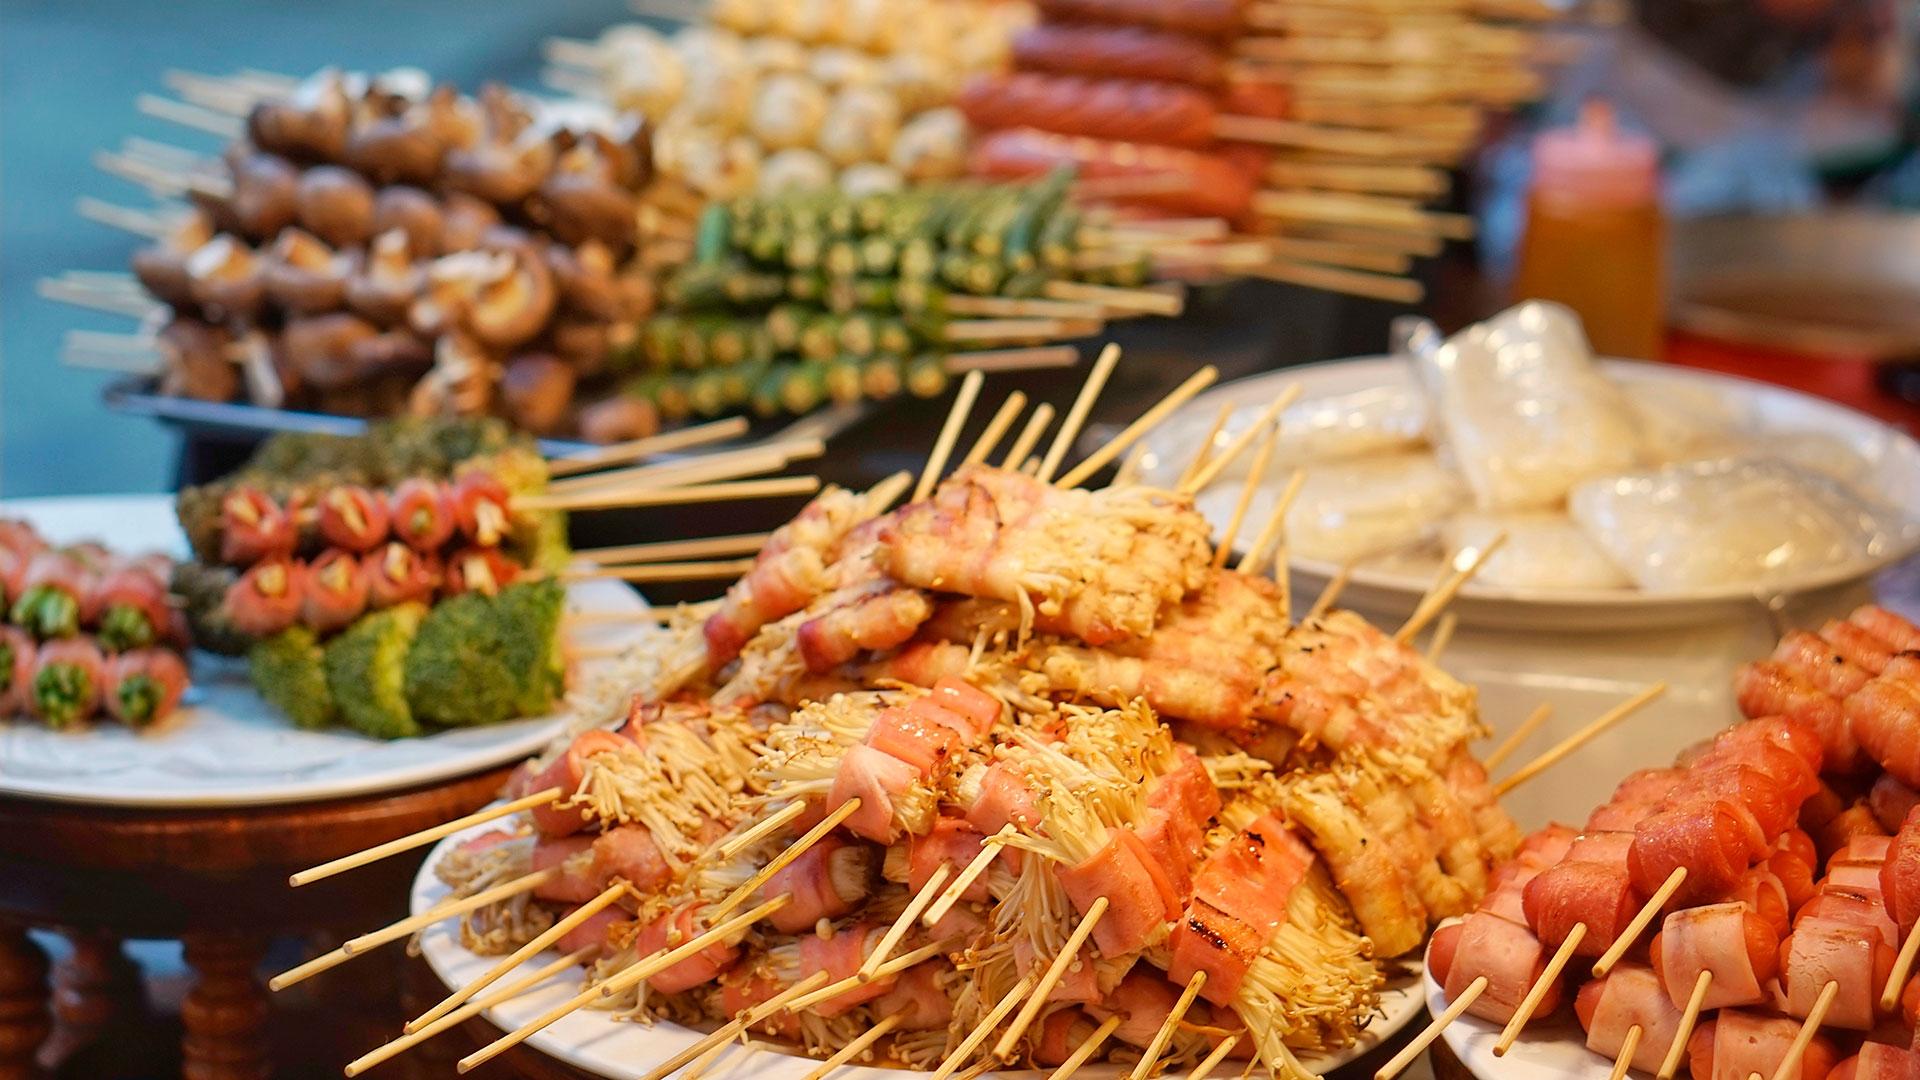 Bangkok es una de las mejores ciudades de comida callejera del mundo, sin embargo se trata de un destino donde florecen los restaurantes de todos los niveles (Shutterstock)